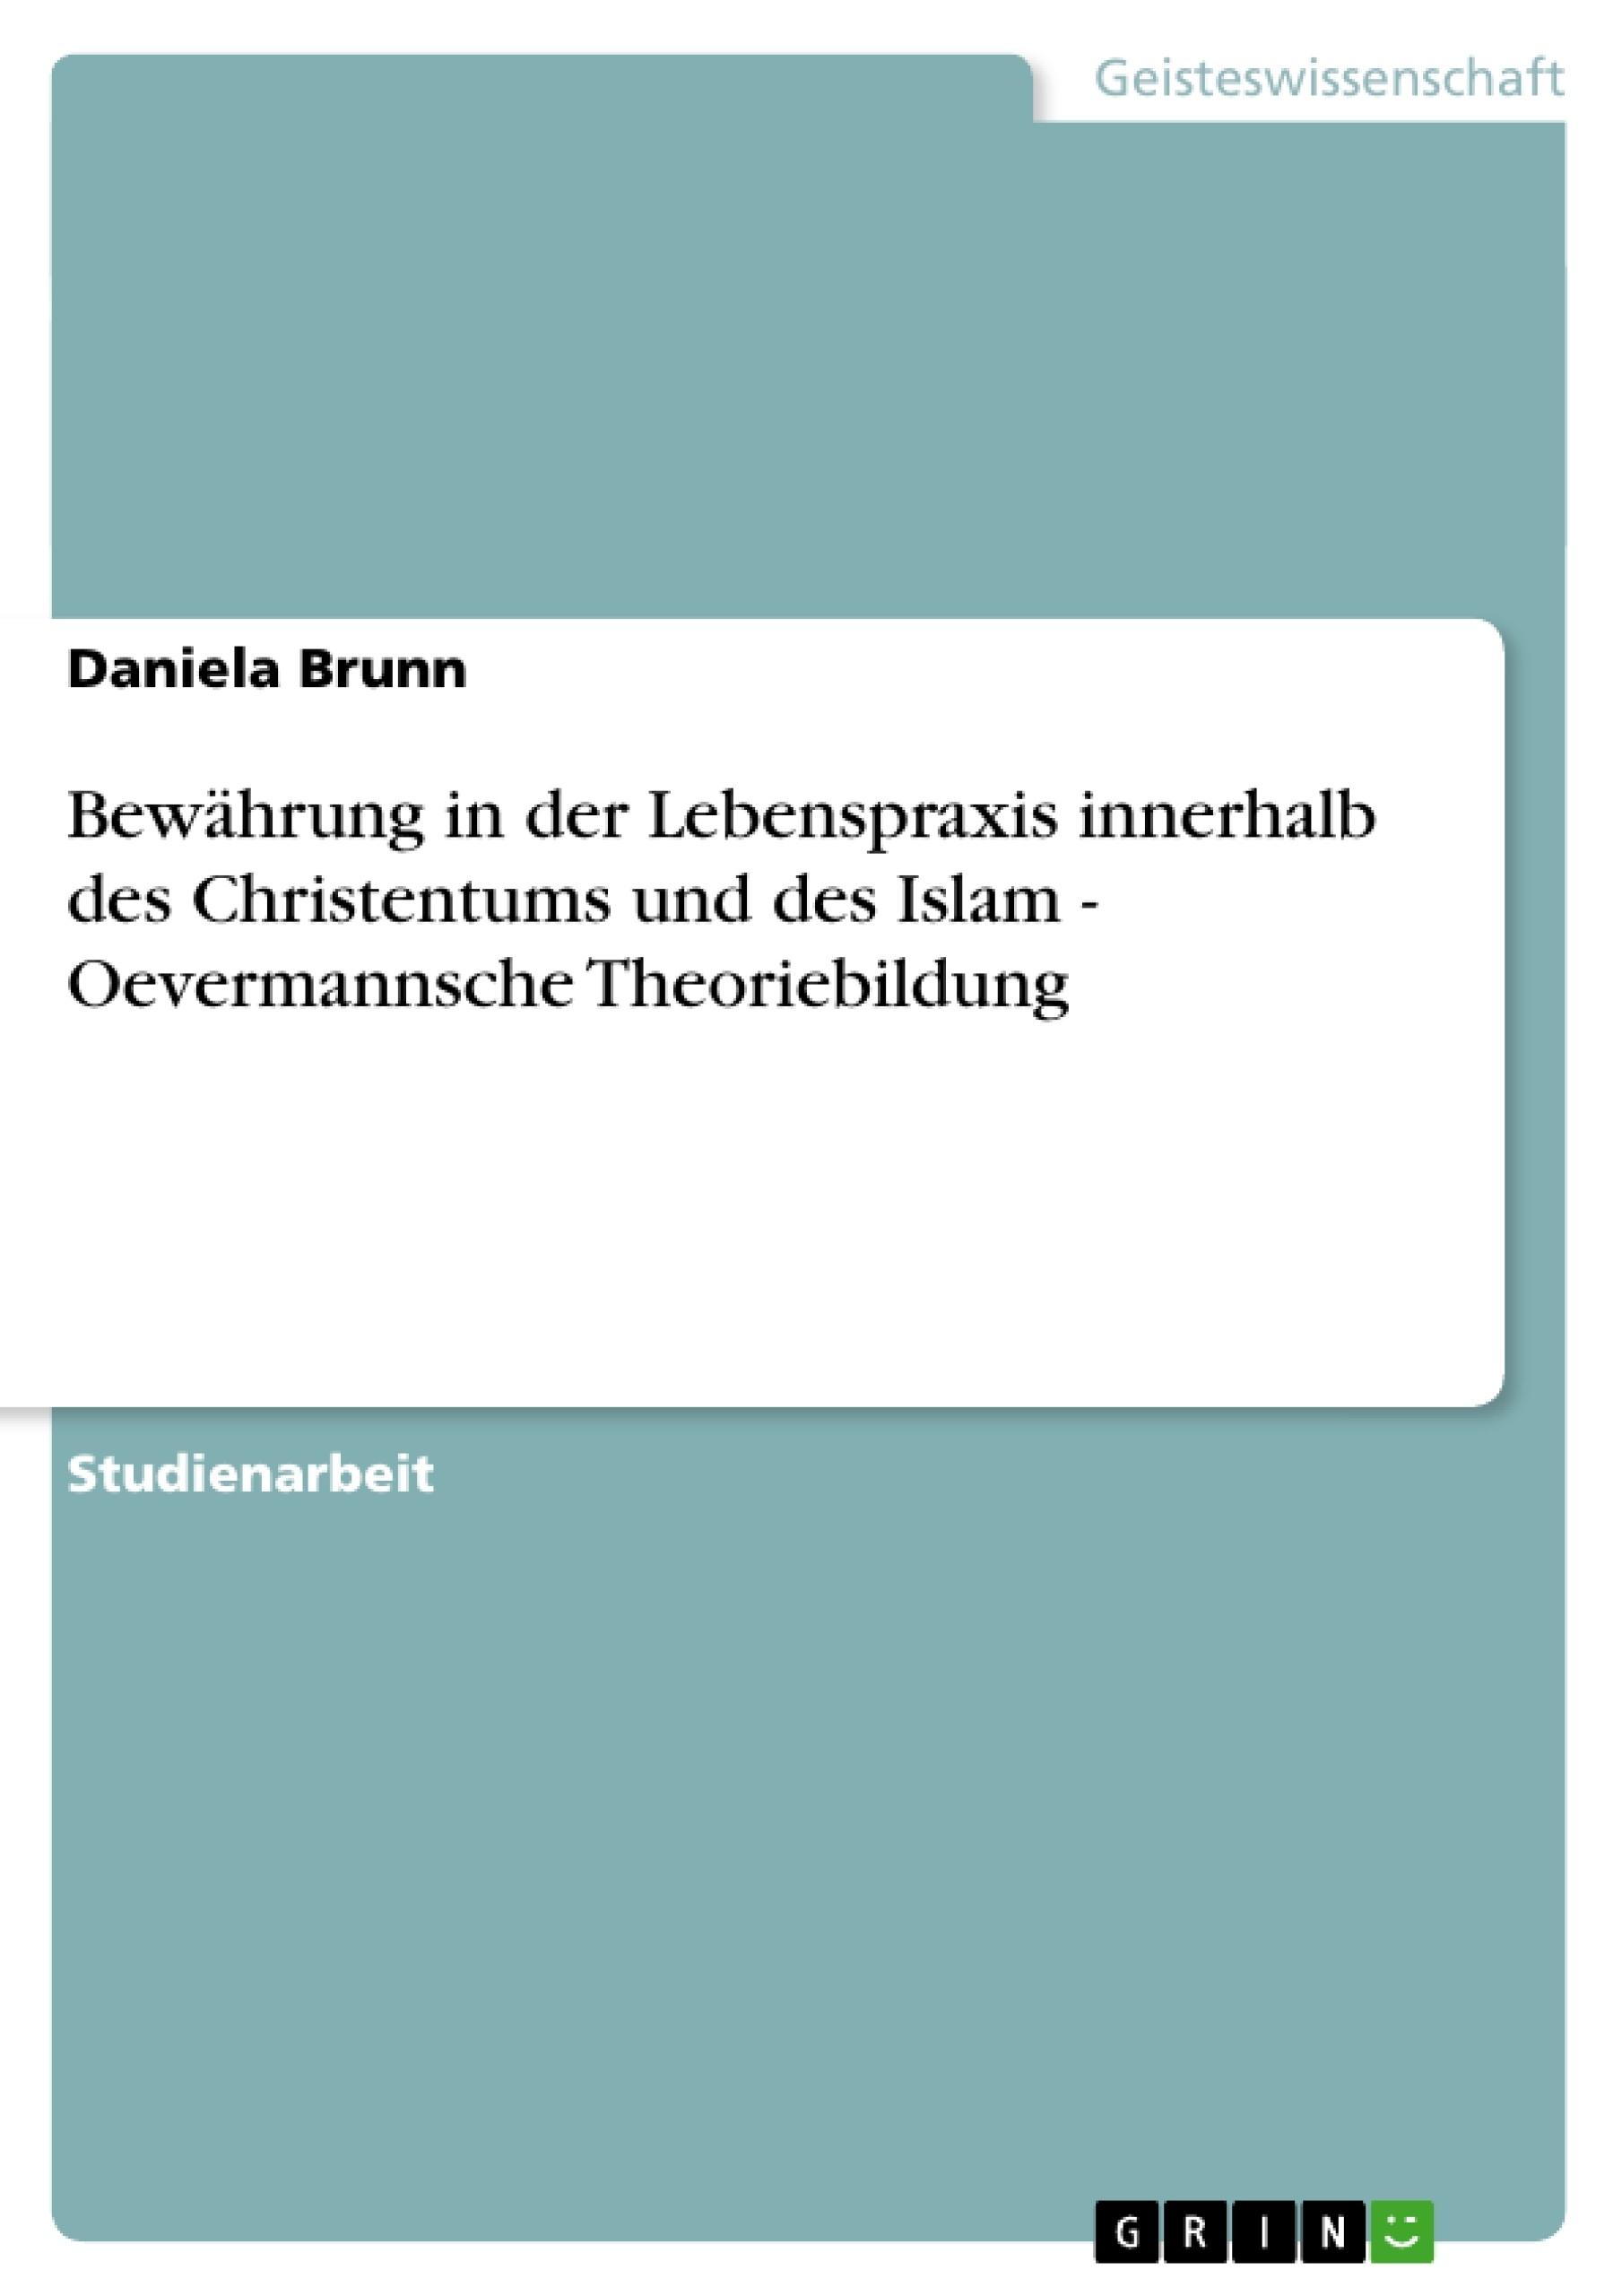 Titel: Bewährung in der Lebenspraxis innerhalb des Christentums und des Islam - Oevermannsche Theoriebildung